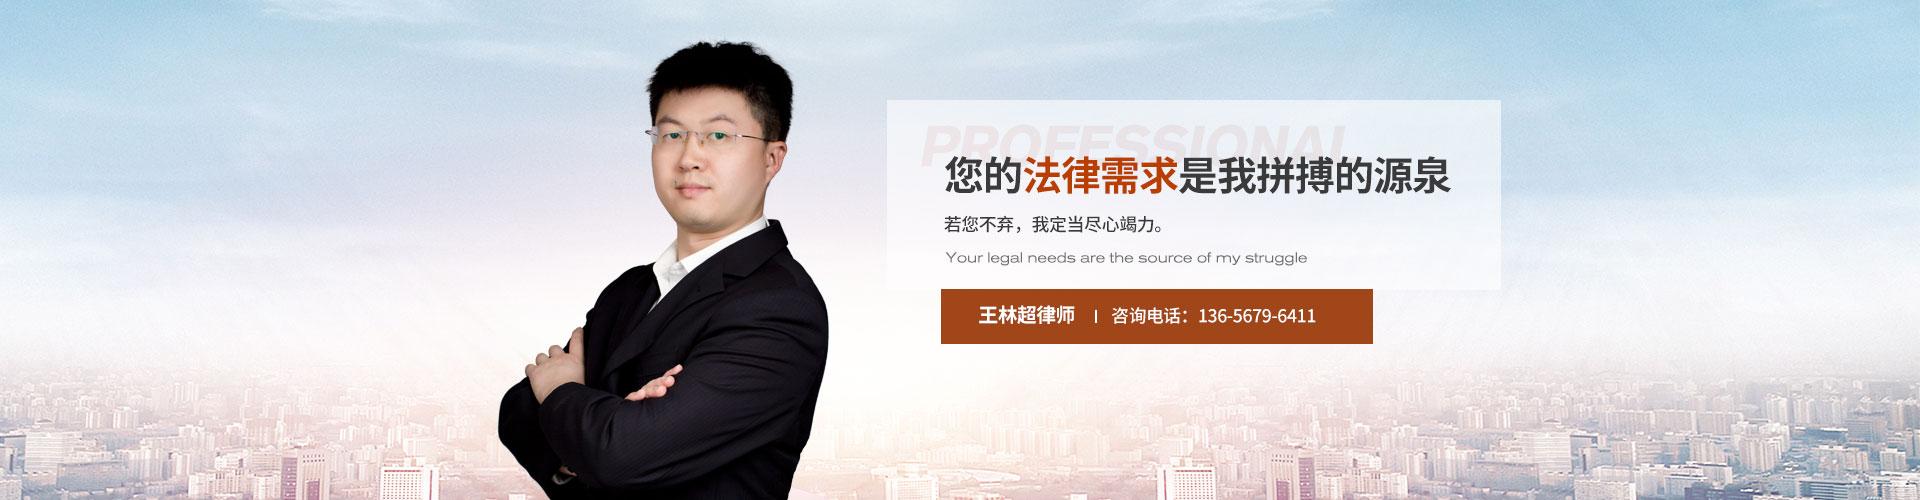 温岭王林超律师